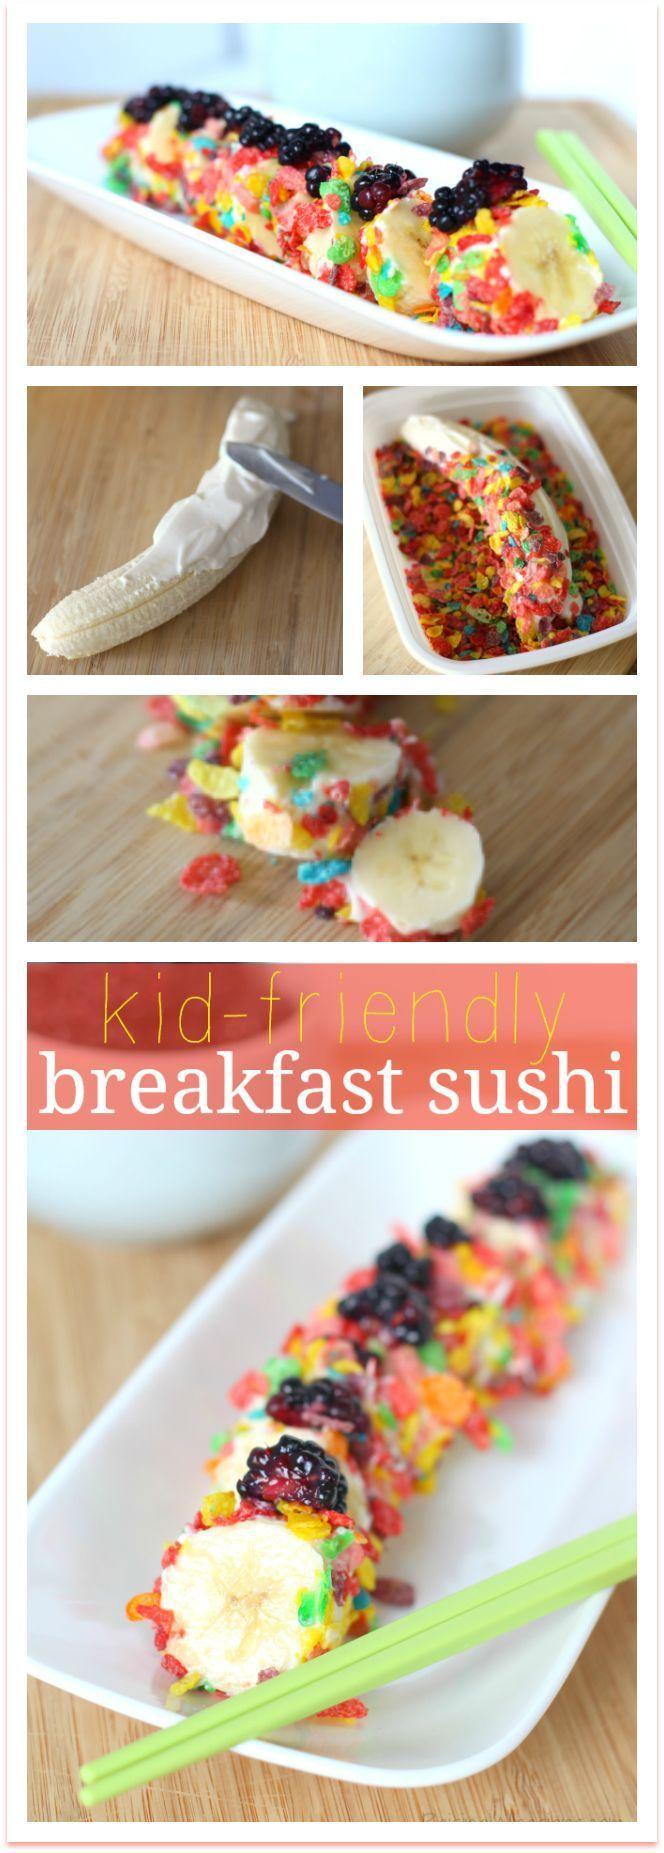 Kids Breakfast Sushi Recipe   Easy & FUN breakfast idea for kids - a perfect kid-friendly back-to-school breakfast too!